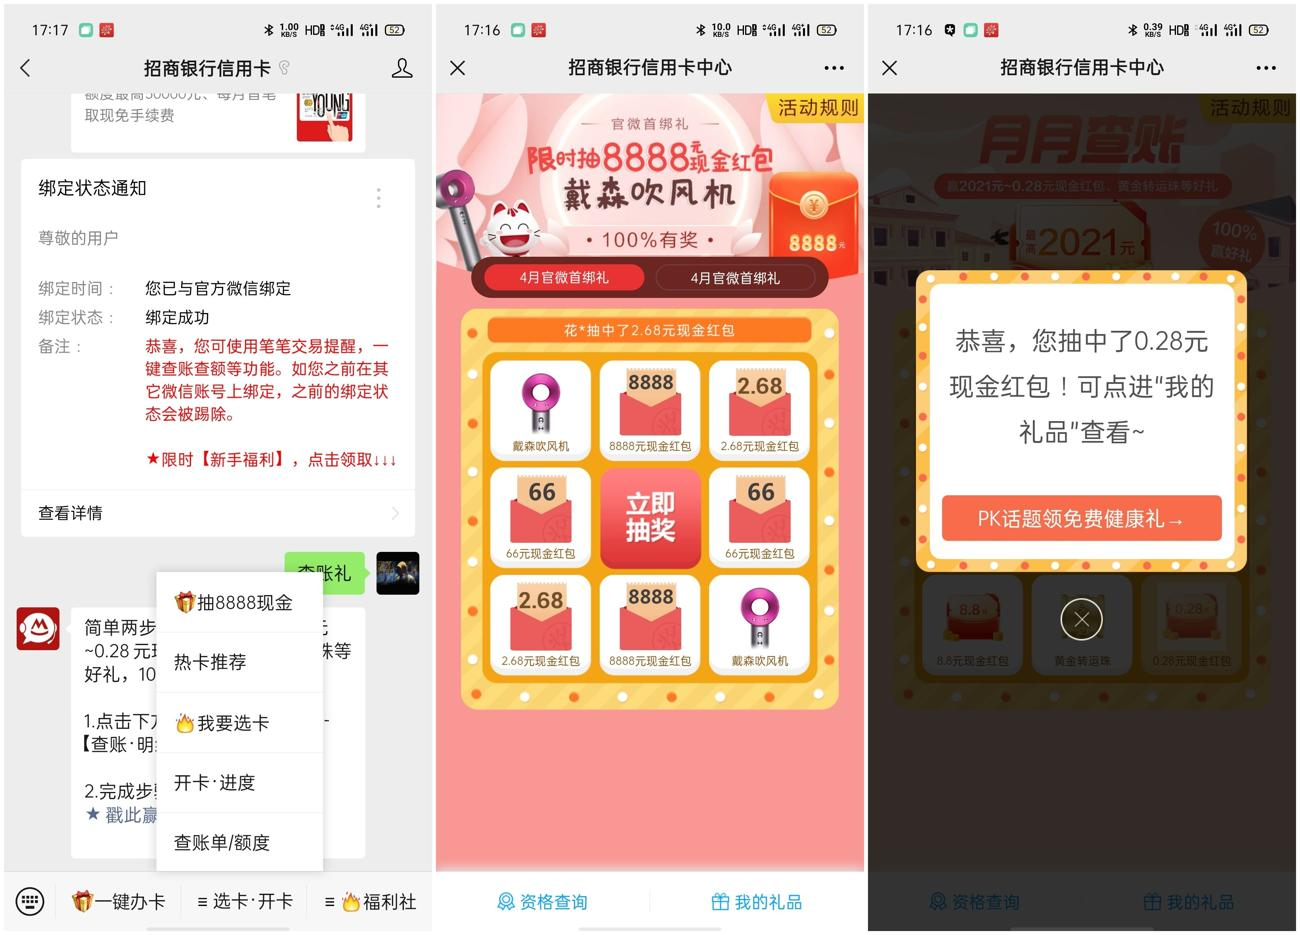 微信招行信用卡抽2.68元红包